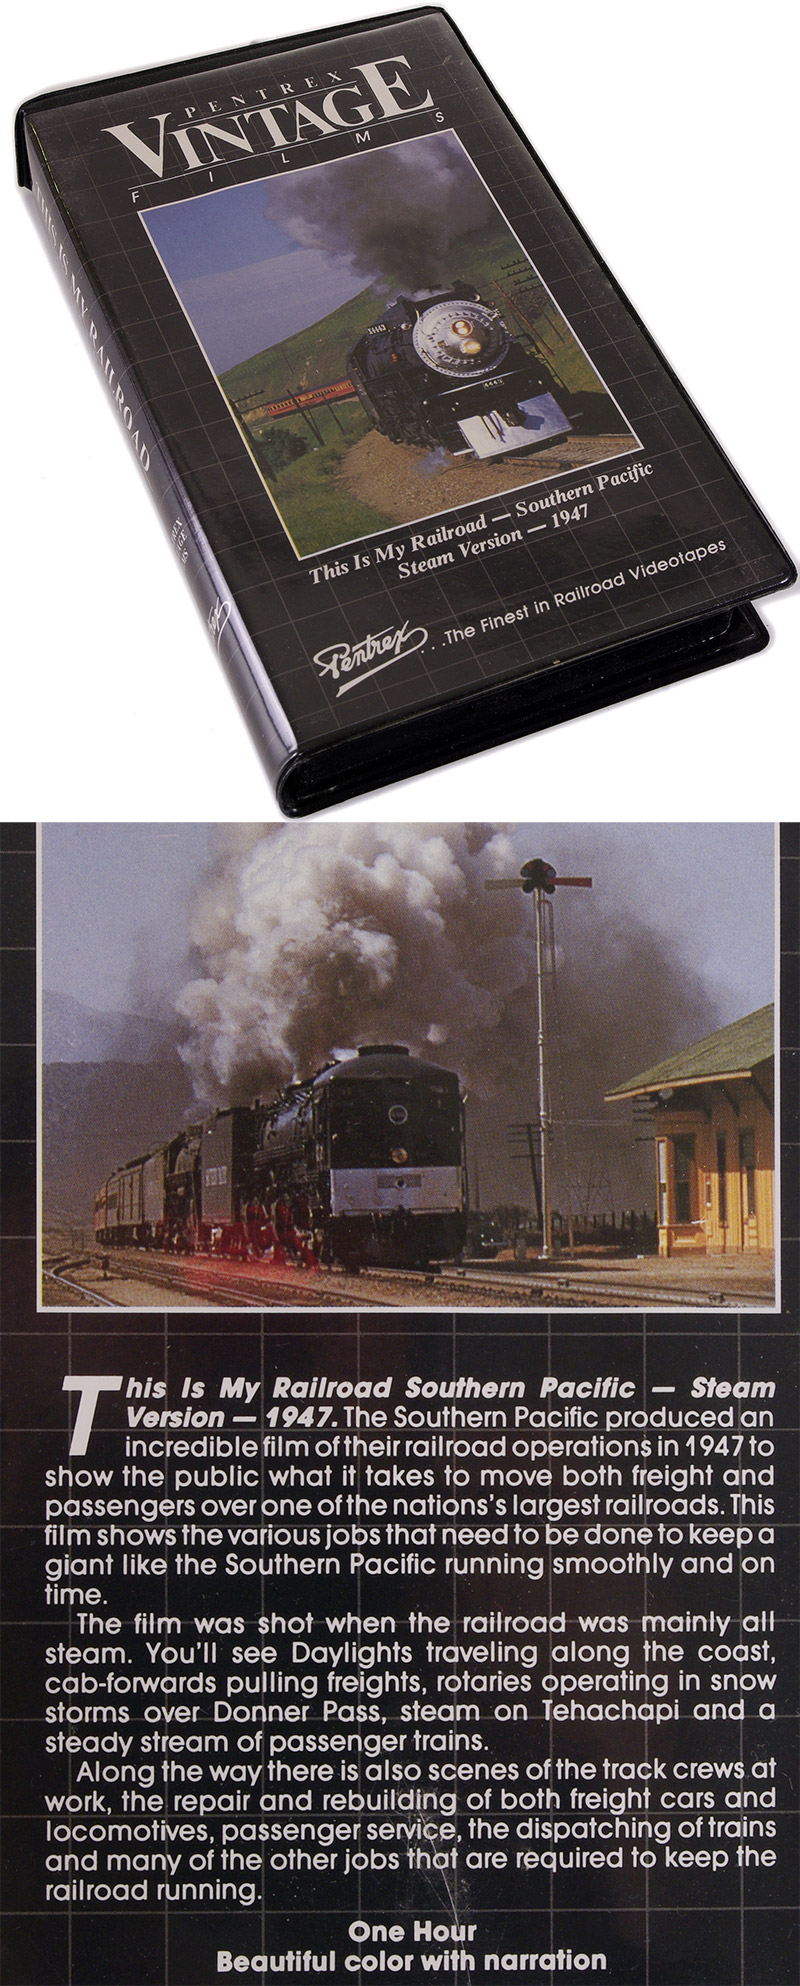 Артикул 11785-85  Видеокассета с фильмом This is My Railroad Southern Pacific - Steam Version - 1947. Продолжительность 1 час. Данный фильм сделан на основе цветных киносъемок 1947 года, и показывает изнутри работу поездов, различных заданий, а также способов обслуживания путей в ненастную погоду. Есть отличное цветное видео разных поездов, работа стрелочников, красоты природы, включая горы Сьерра-Невада, и многое другое. Очень захватывающе выглядят сцены по удалению снега с путей в горах Сьерра-Невада. На английском языке.